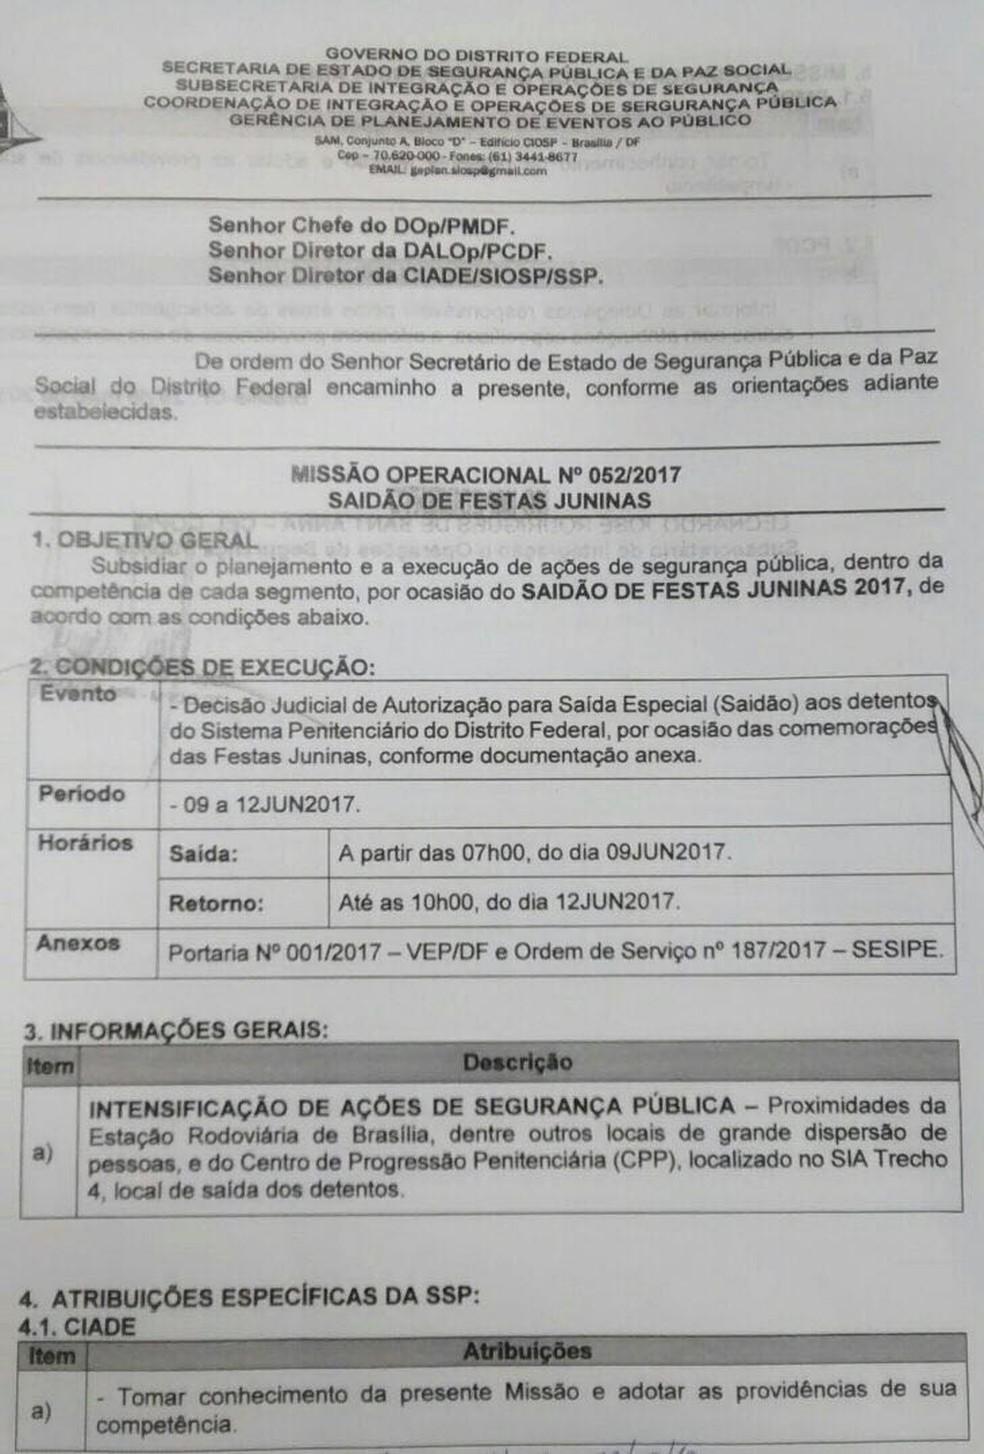 Documento interno da SSP que trata dos preparativos para o 'saidão de festa junina' (Foto: Reprodução)